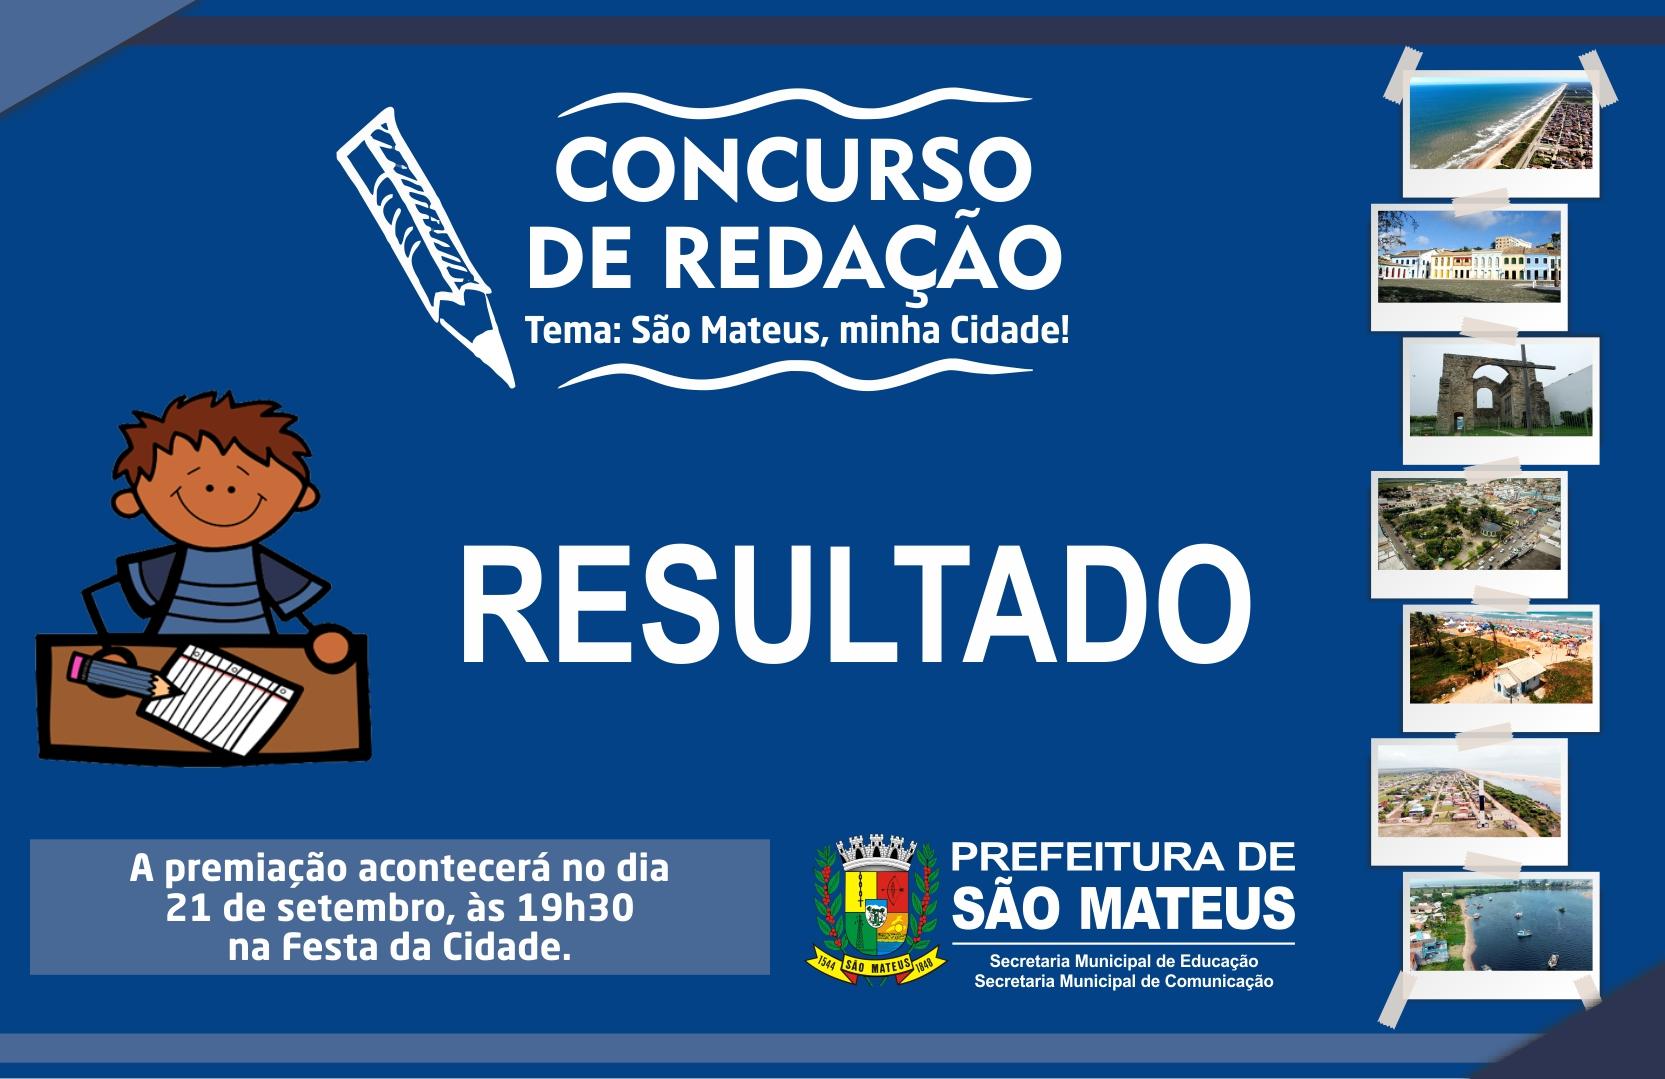 SÃO MATEUS MINHA CIDADE: CONFIRA O RESULTADO DO CONCURSO DE REDAÇÃO